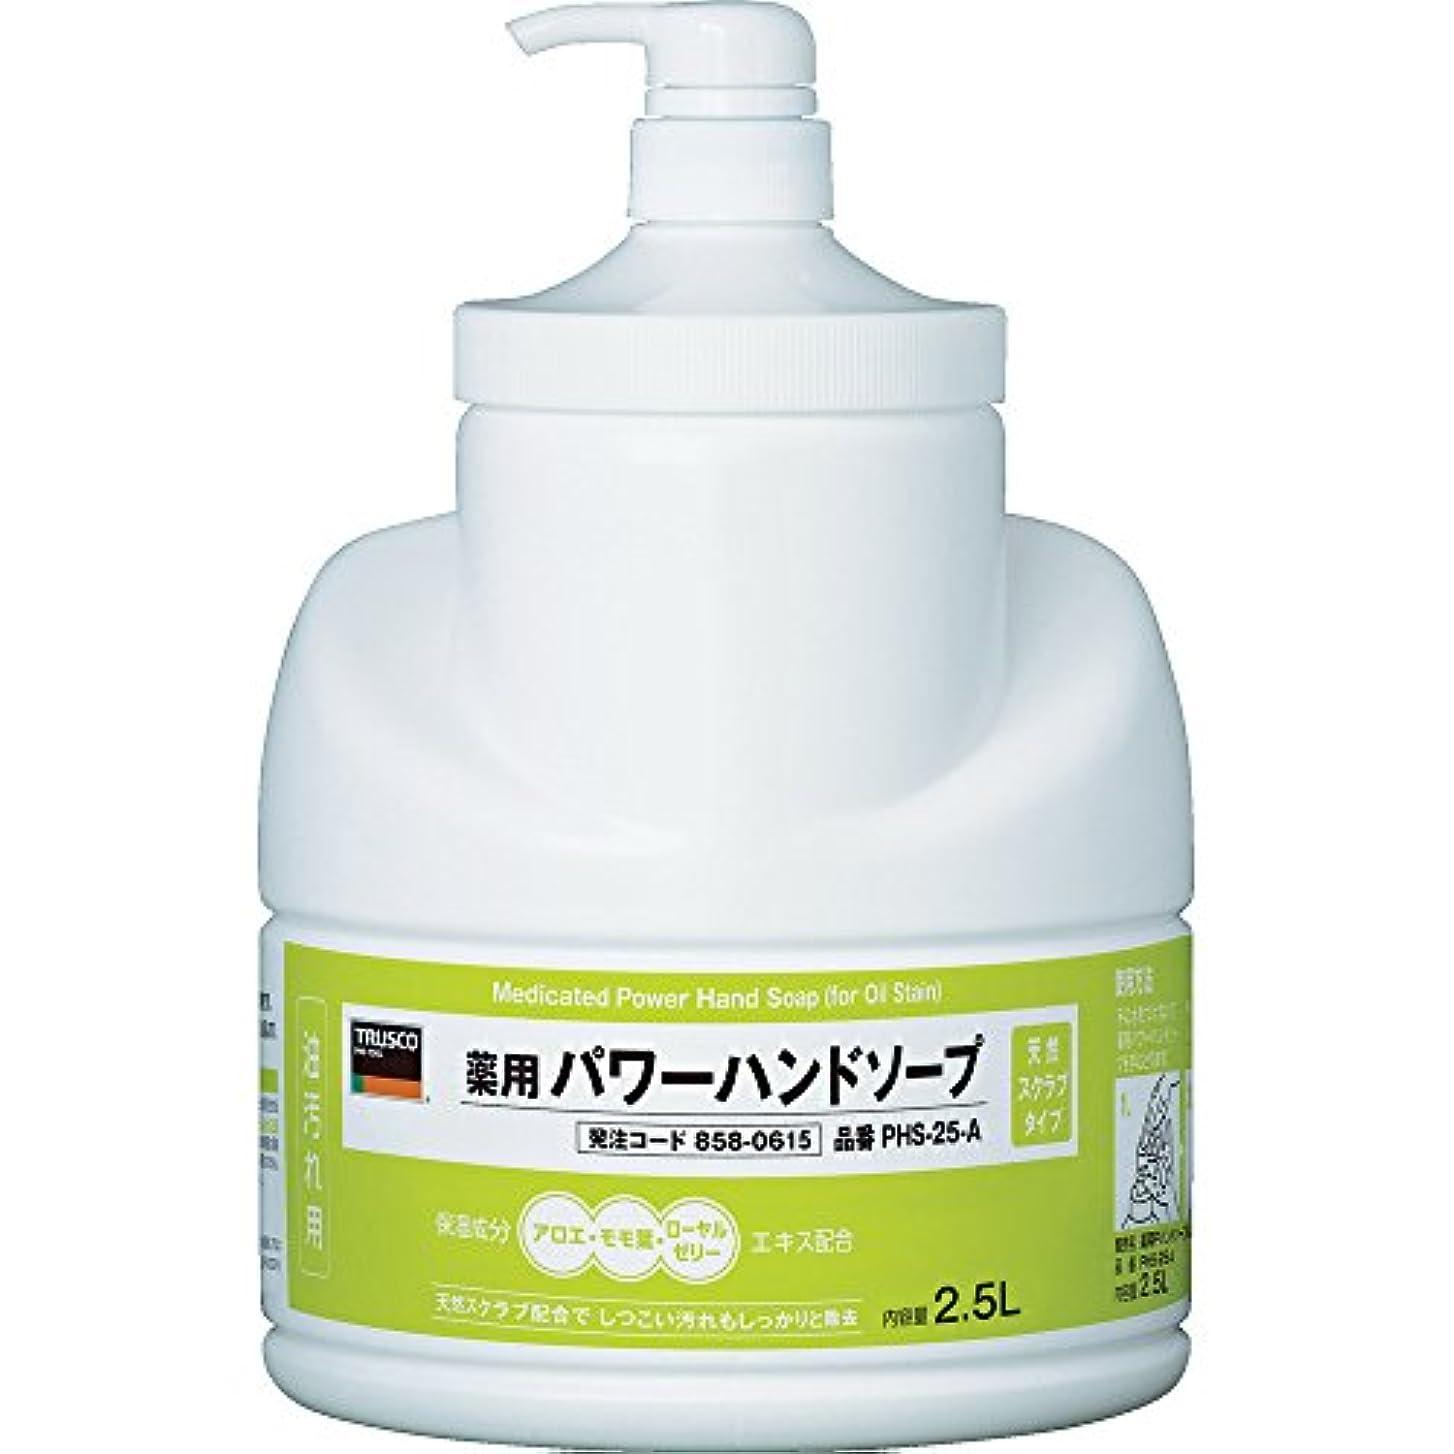 抽象予防接種する方法TRUSCO(トラスコ) 薬用パワーハンドソープポンプボトル 2.5L PHS-25-A